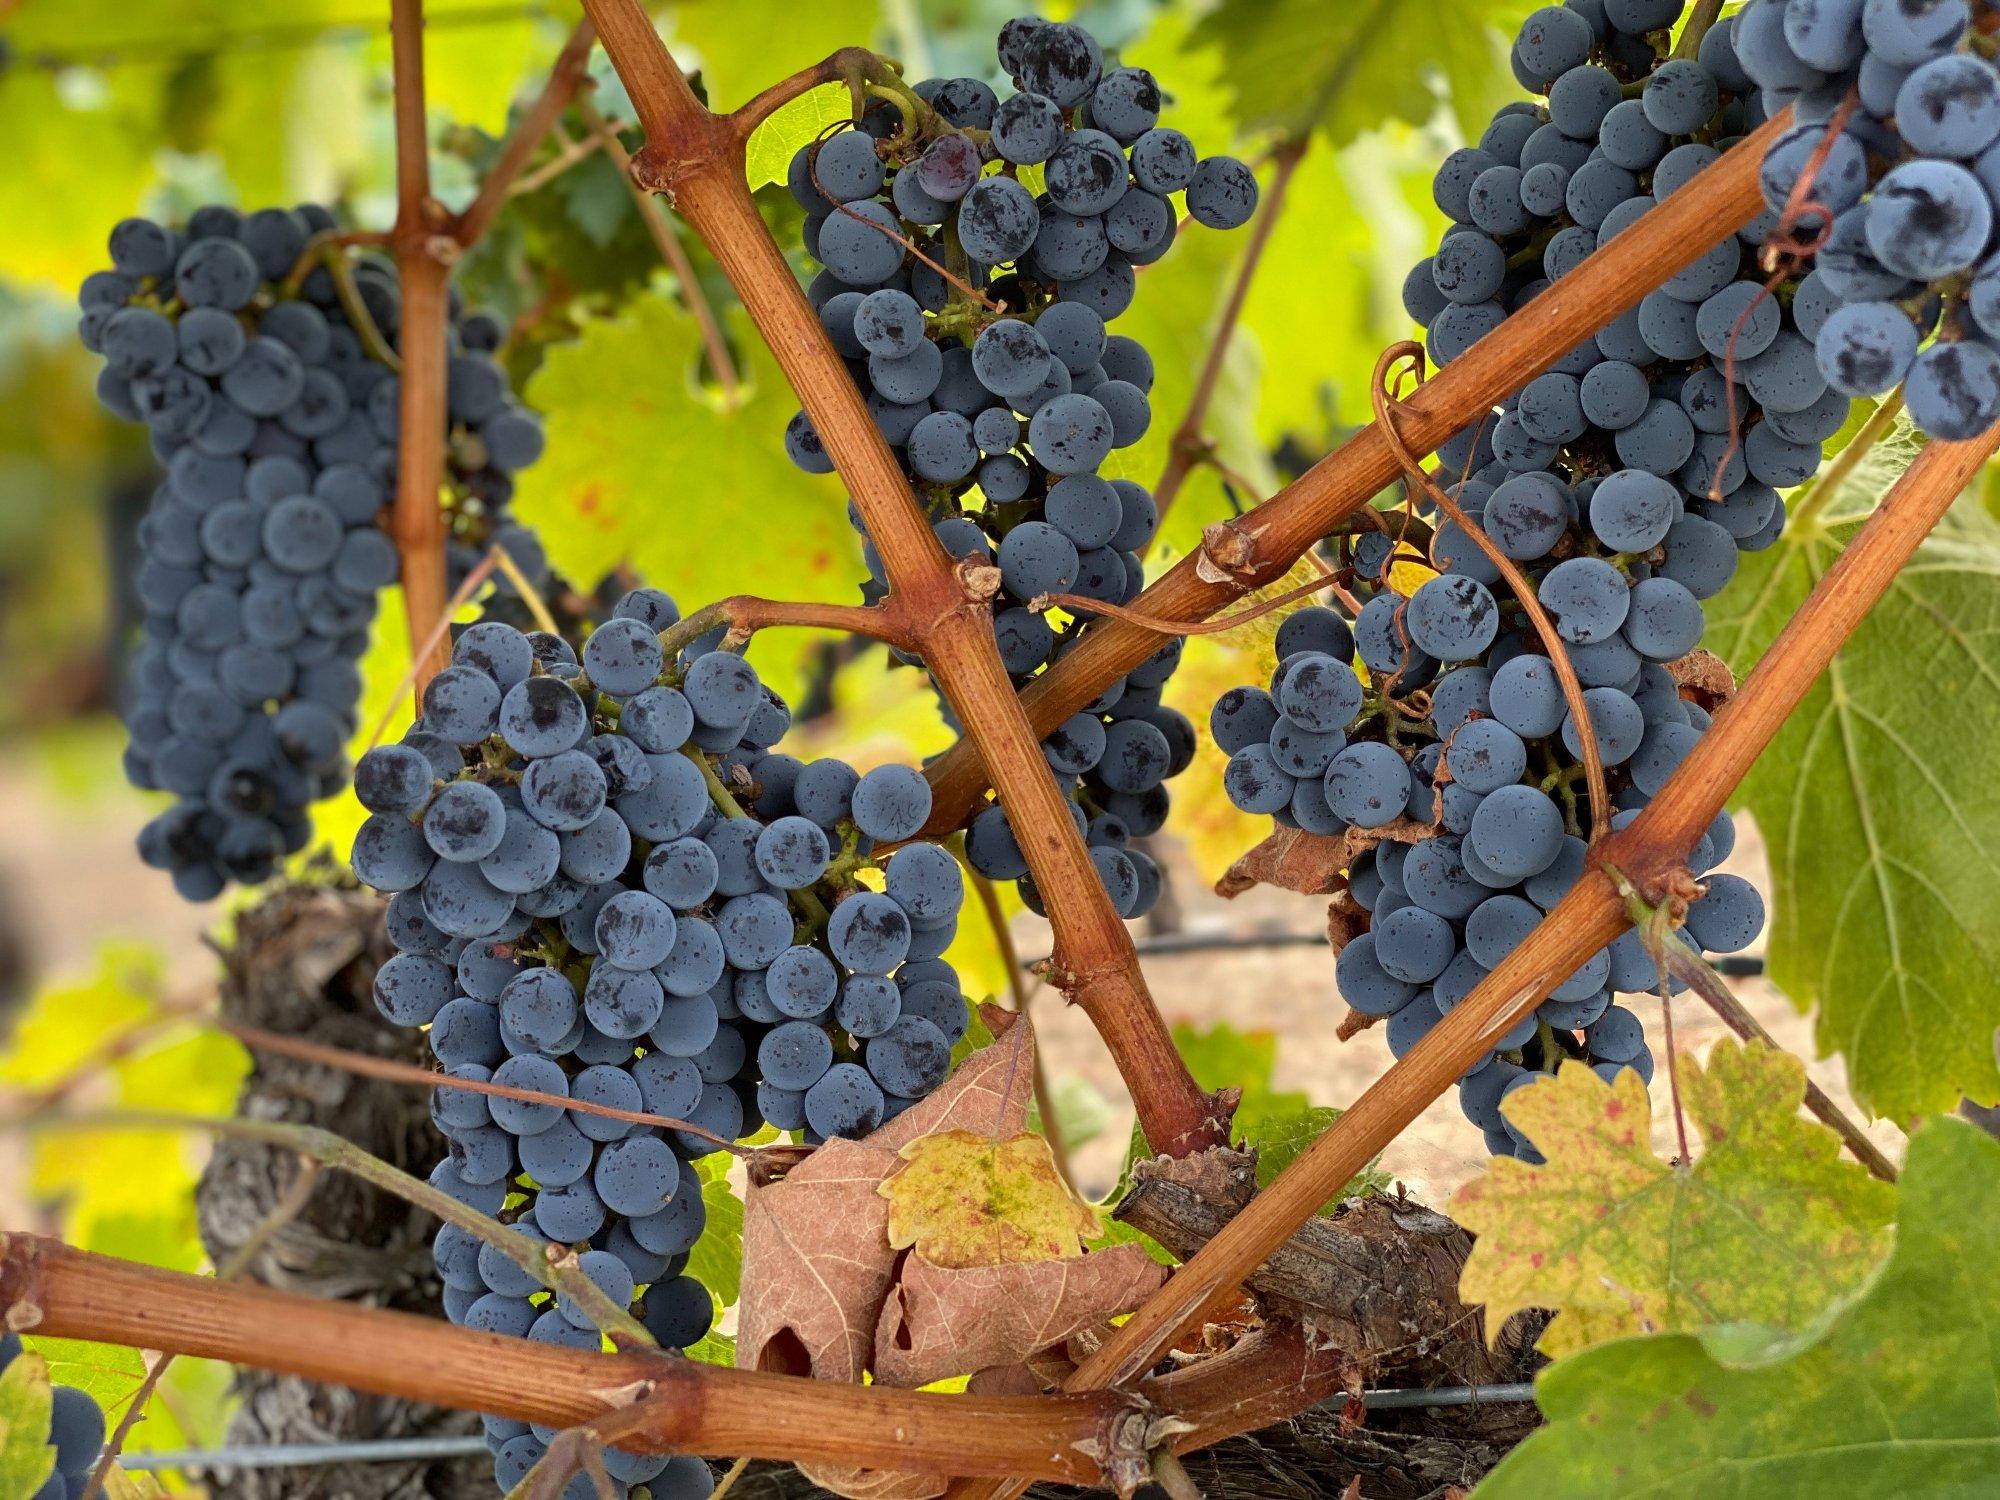 prune the vine-JStamps 0101